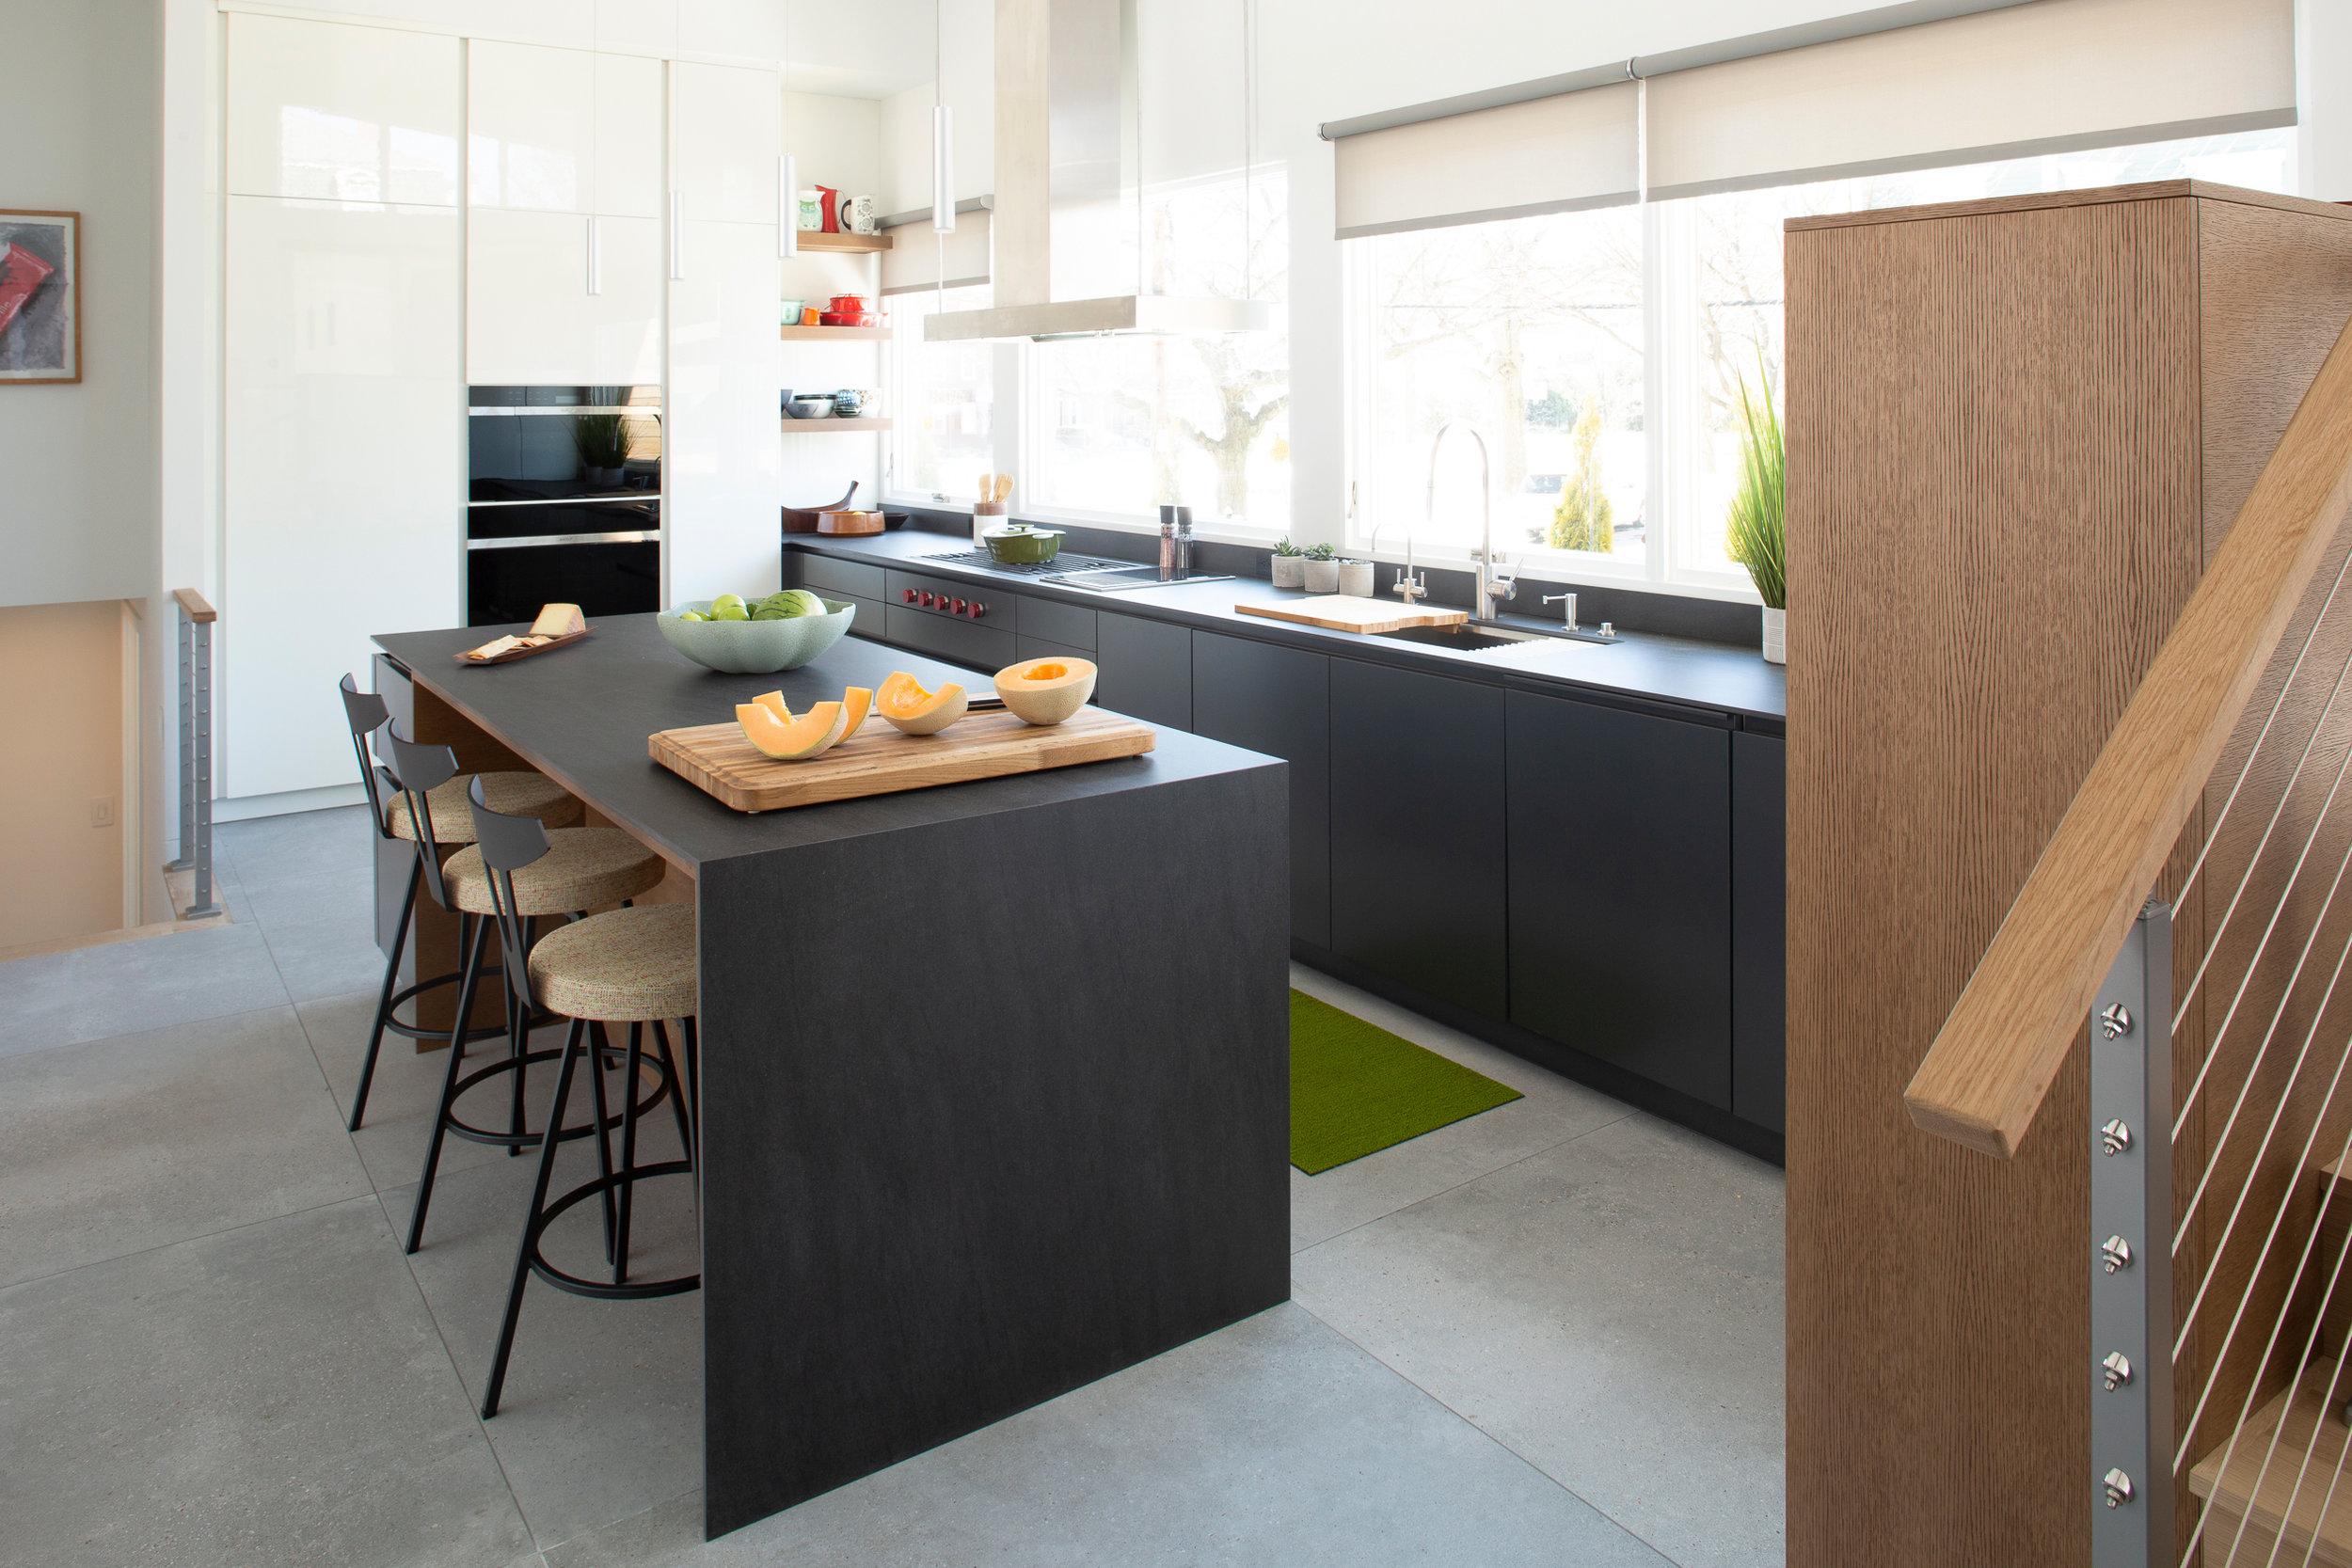 Shot7B-Kitchen_FromMudroomDoor-7 EDIT.jpg